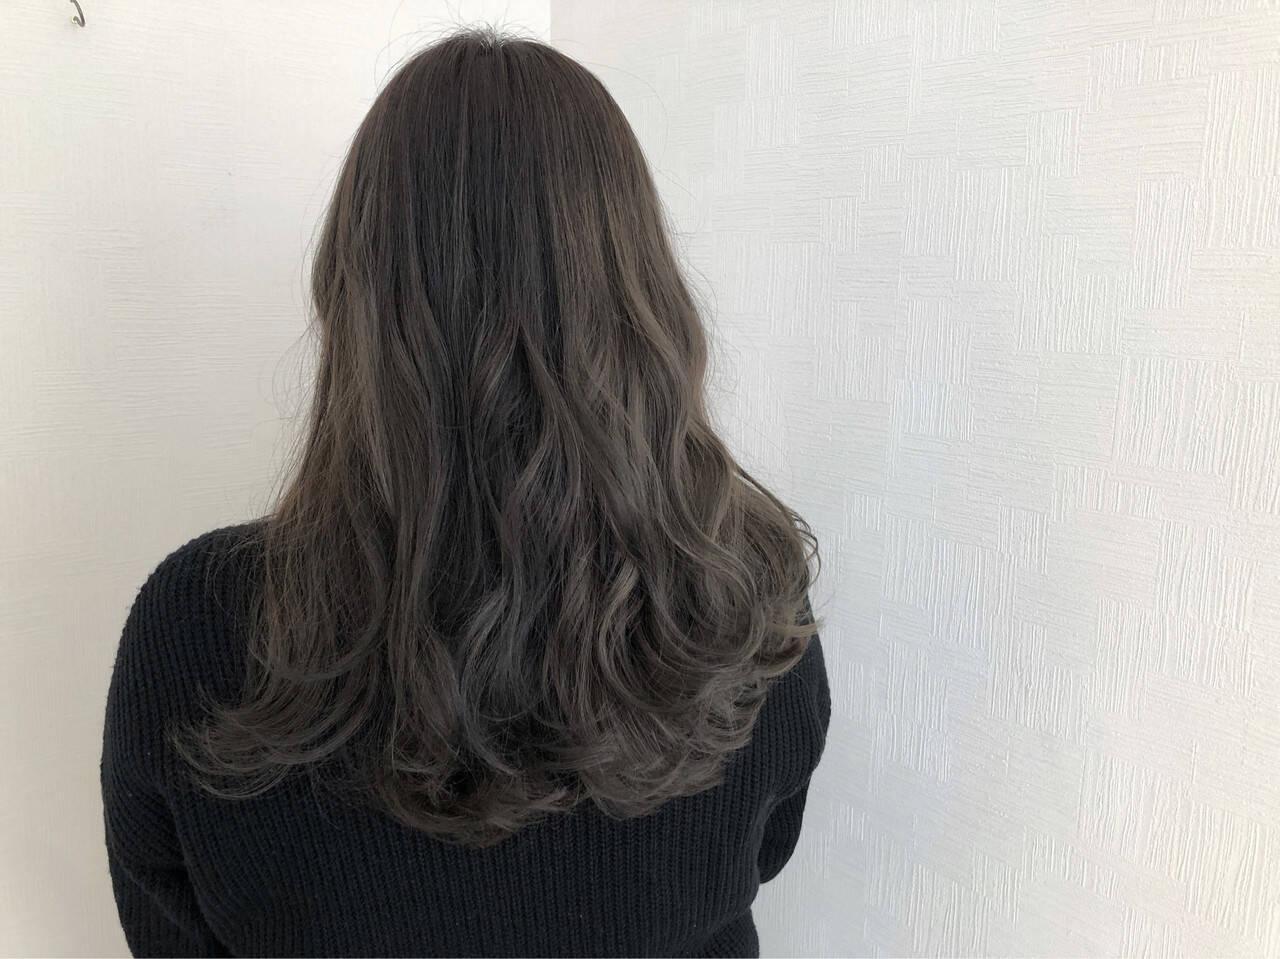 アンニュイほつれヘア ロング スモーキーカラー 簡単ヘアアレンジヘアスタイルや髪型の写真・画像